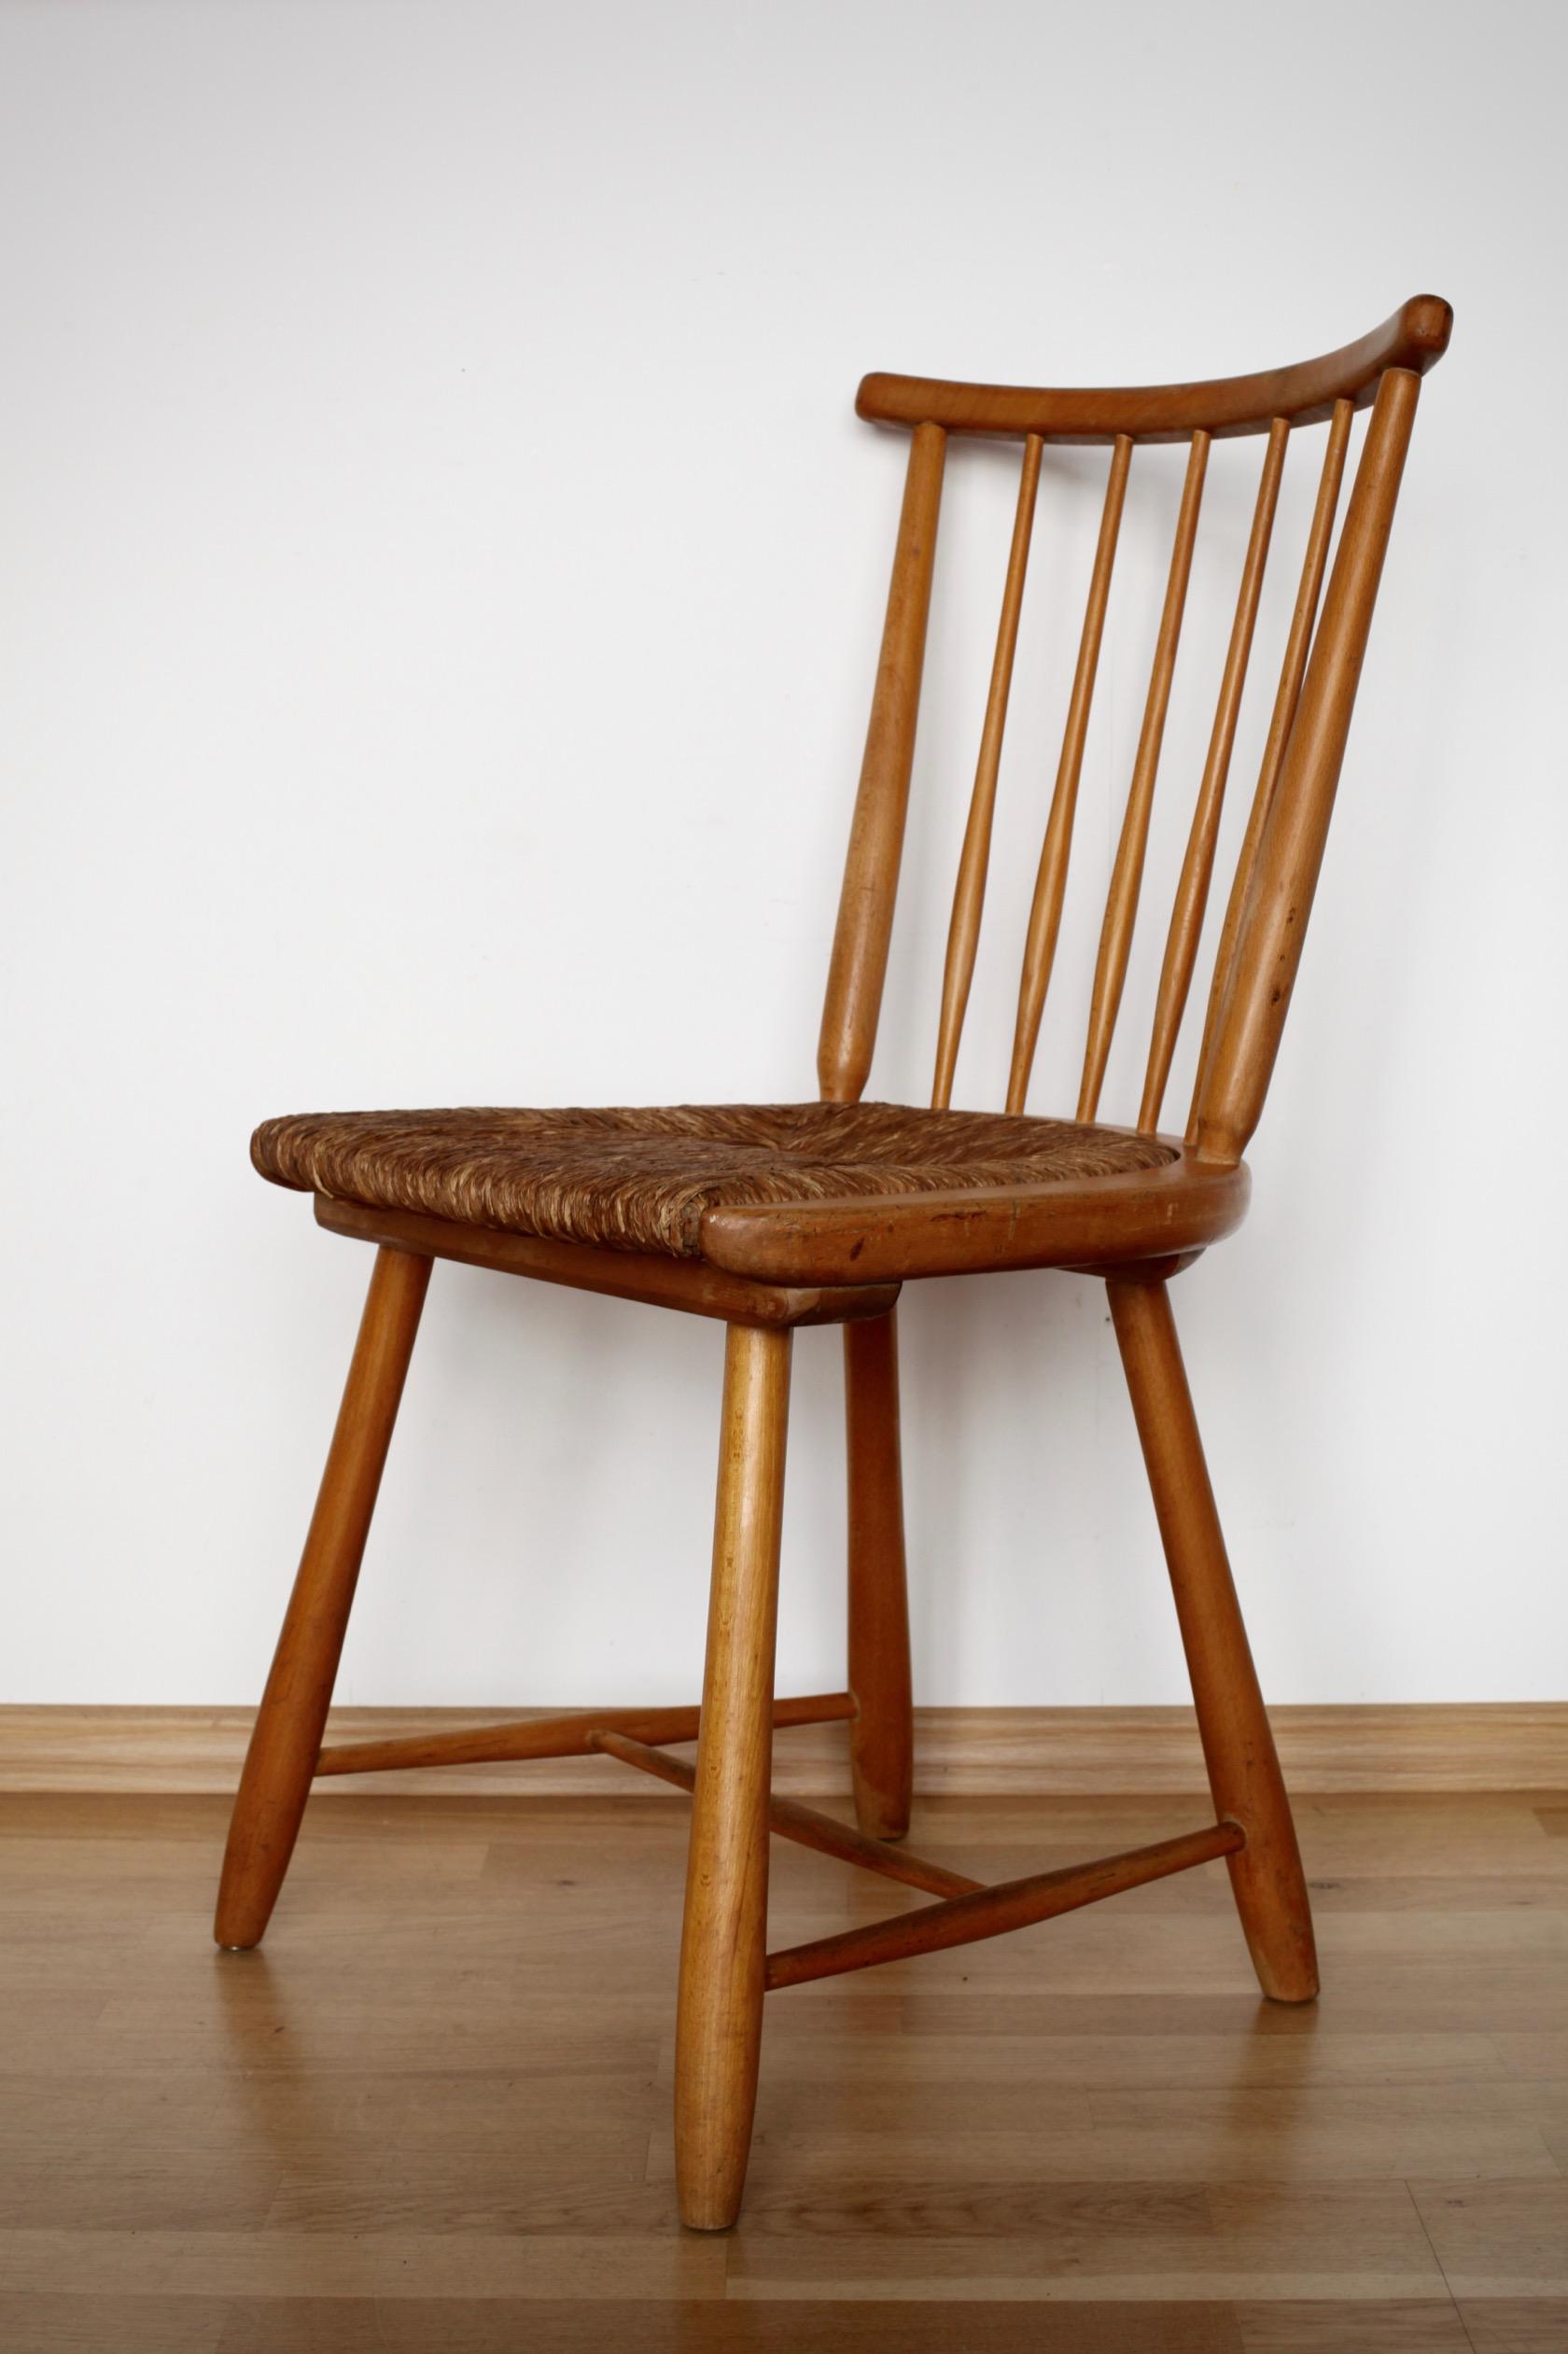 vier st hle von arno lambrecht f r wk m bel raumwunder vintage wohnen in n rnberg. Black Bedroom Furniture Sets. Home Design Ideas